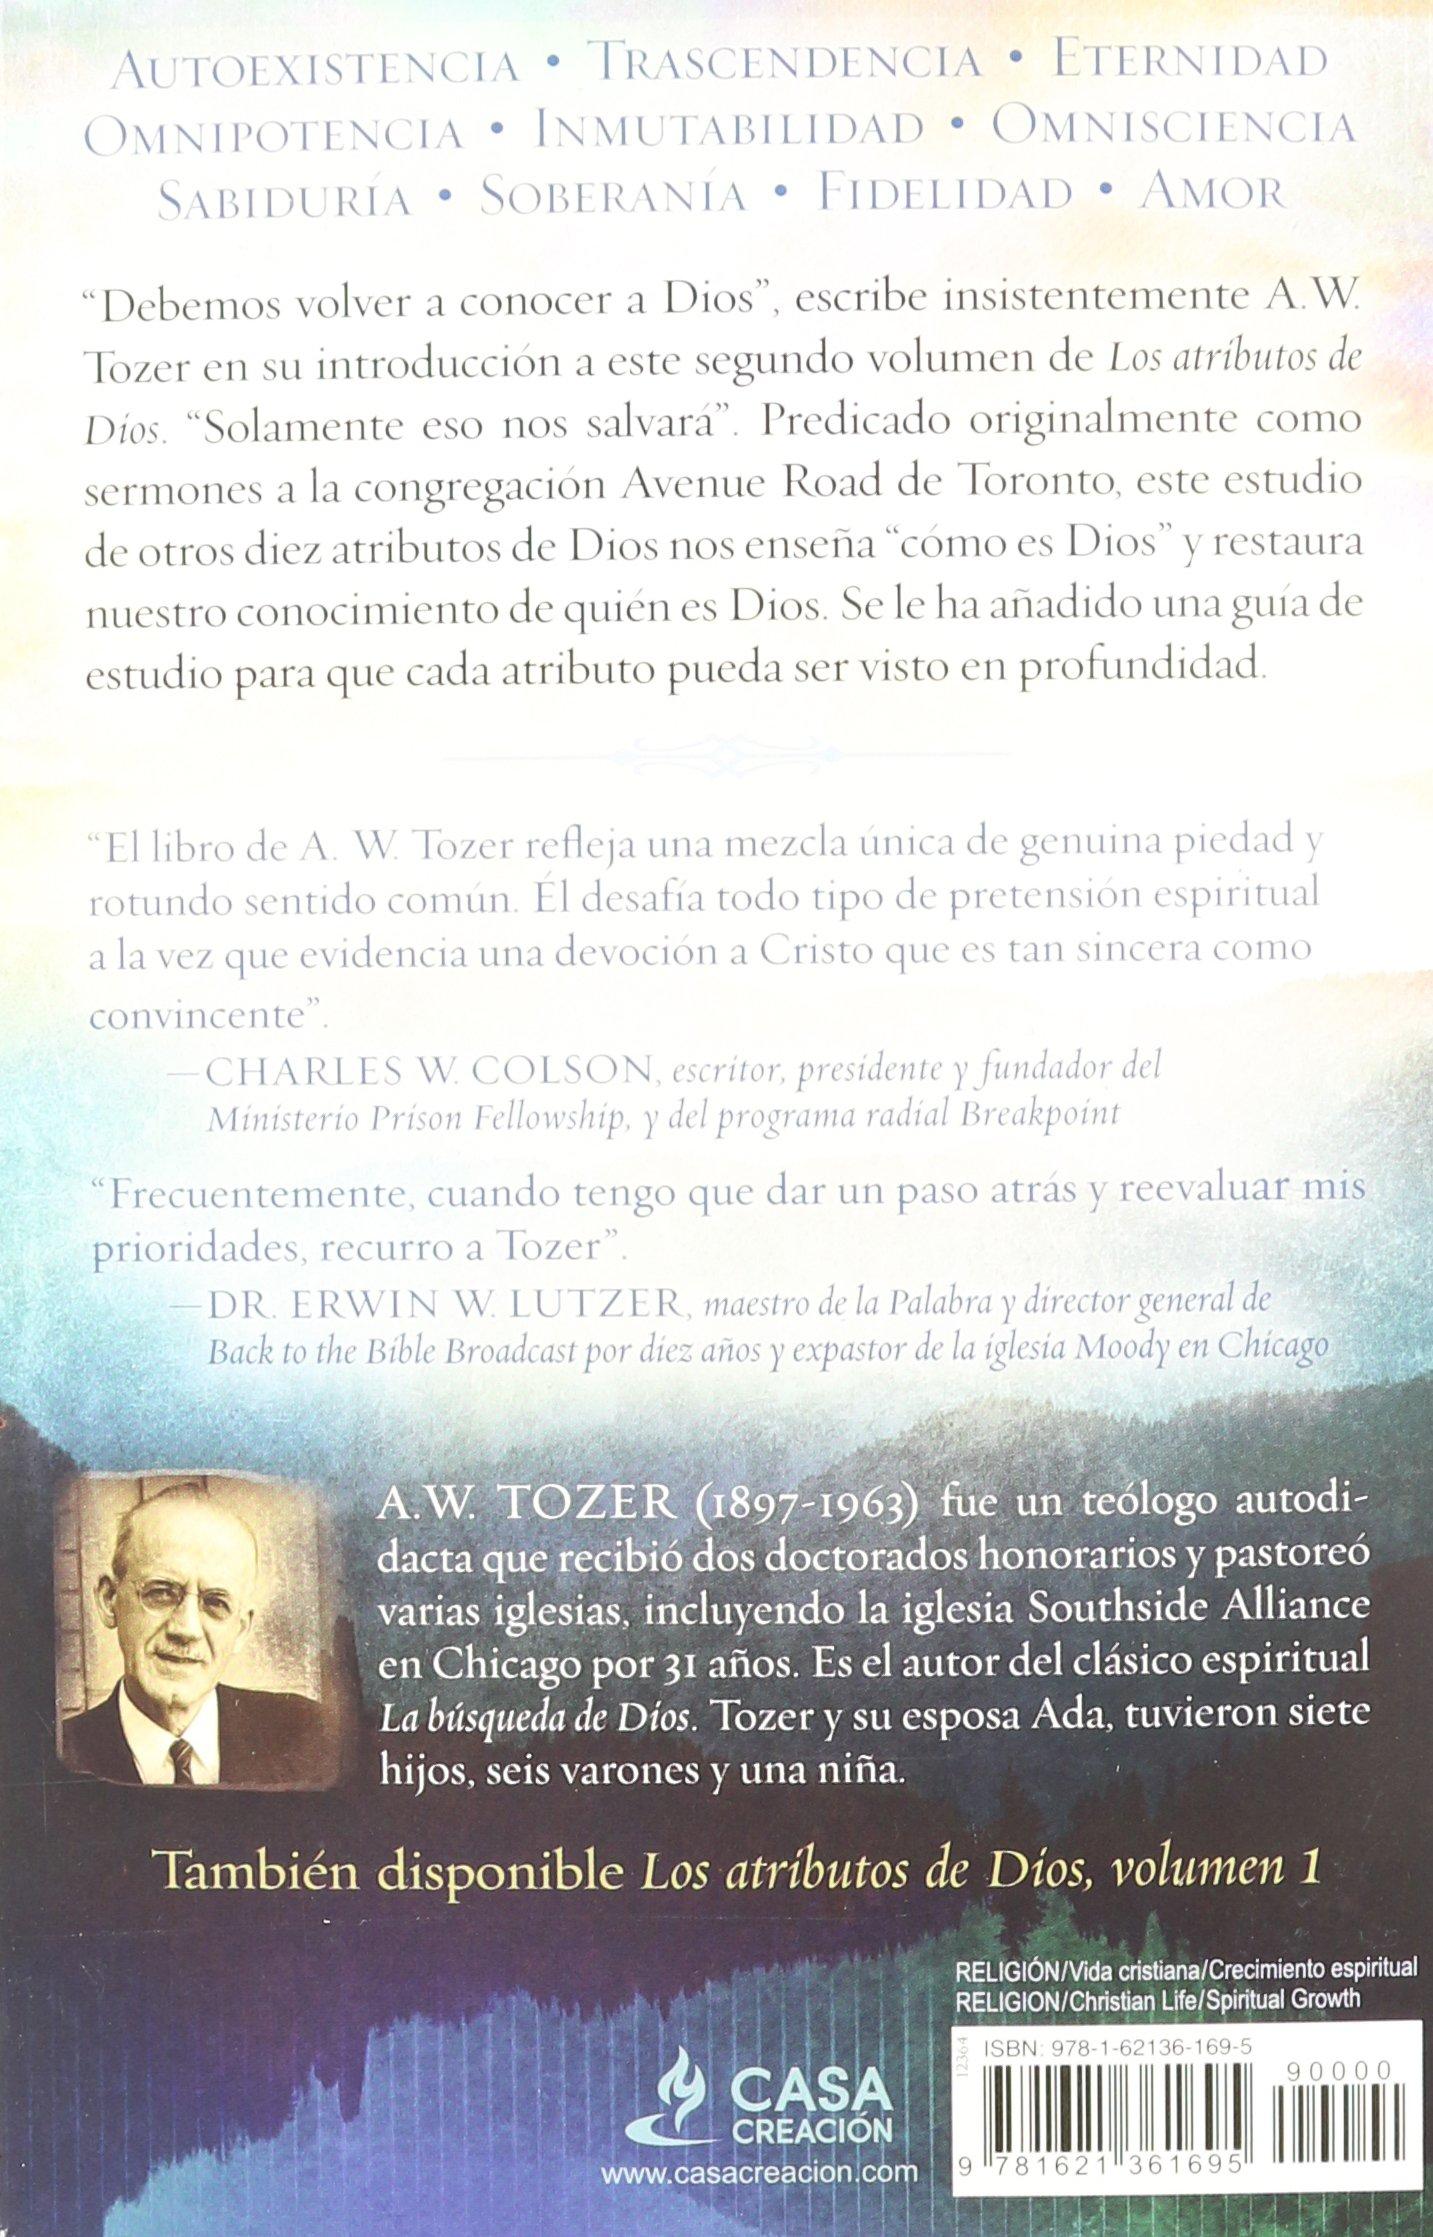 Los atributos de dios vol 2 incluye gu a de estudio profundice en el coraz n del padre spanish edition a w tozer 9781621361695 amazon com